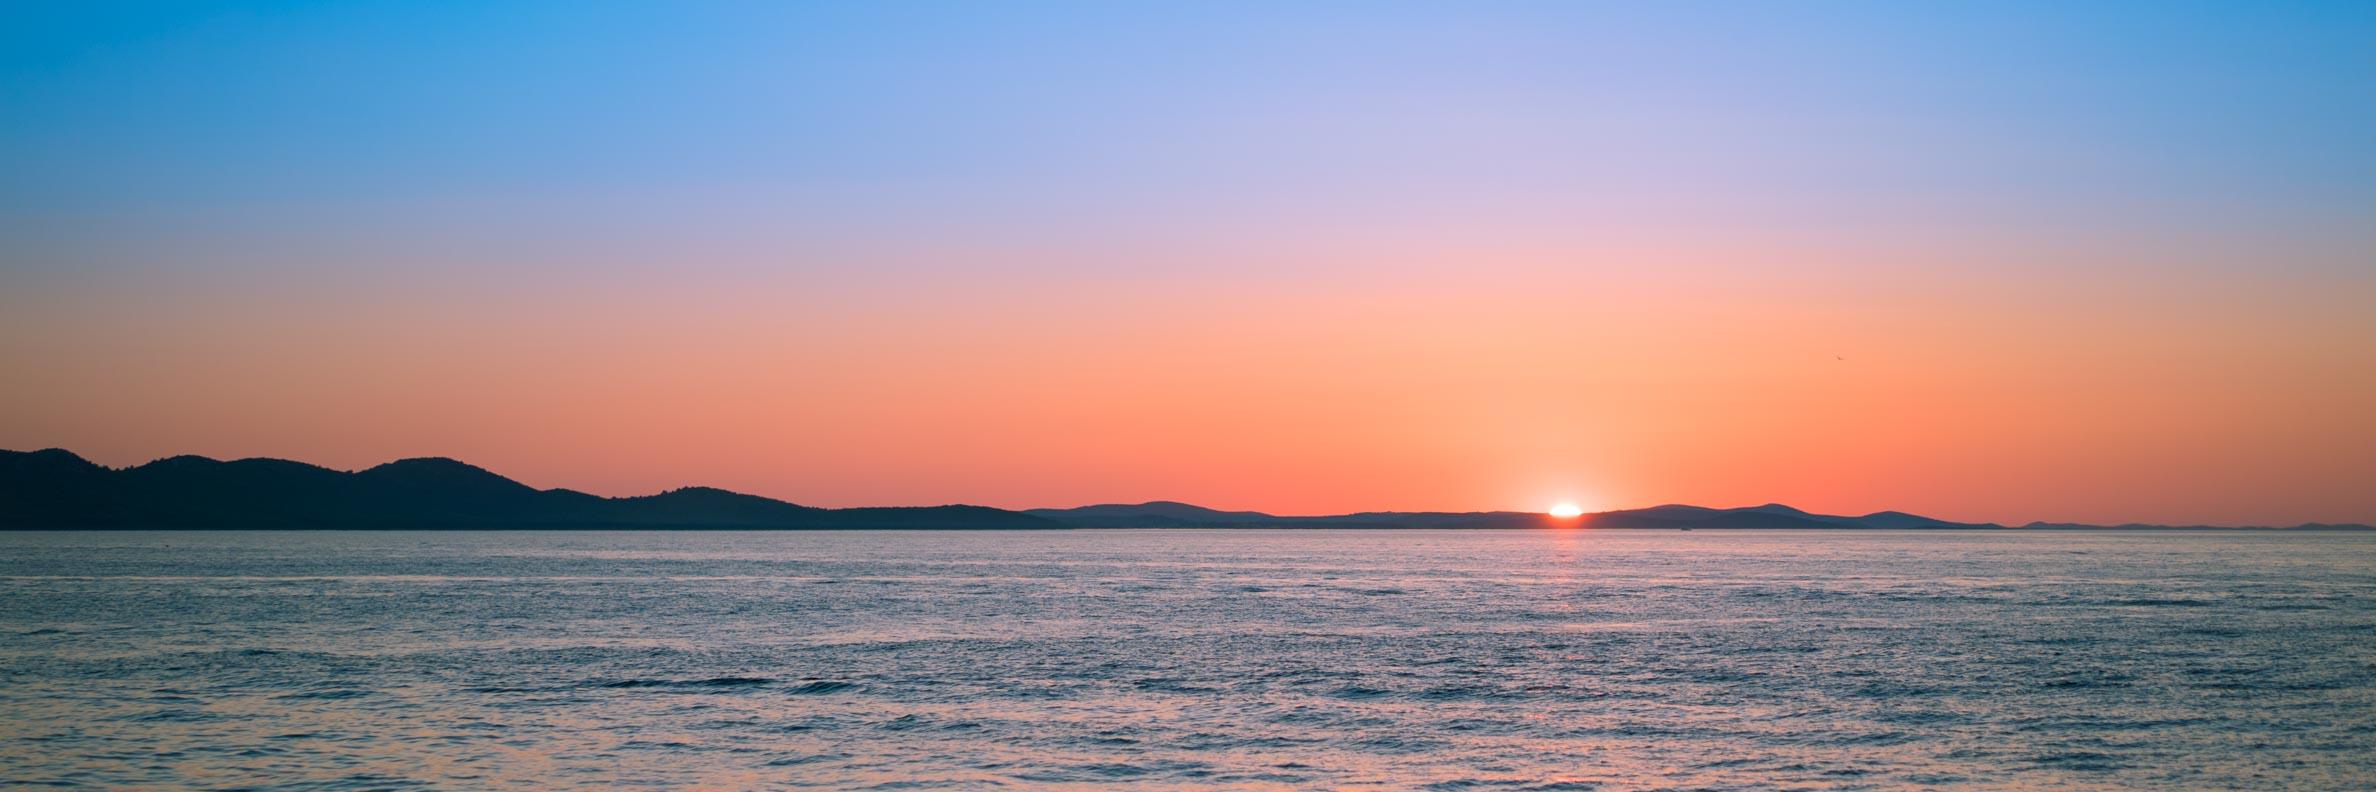 Der Sonnenuntergang in Zadar/Kroatien